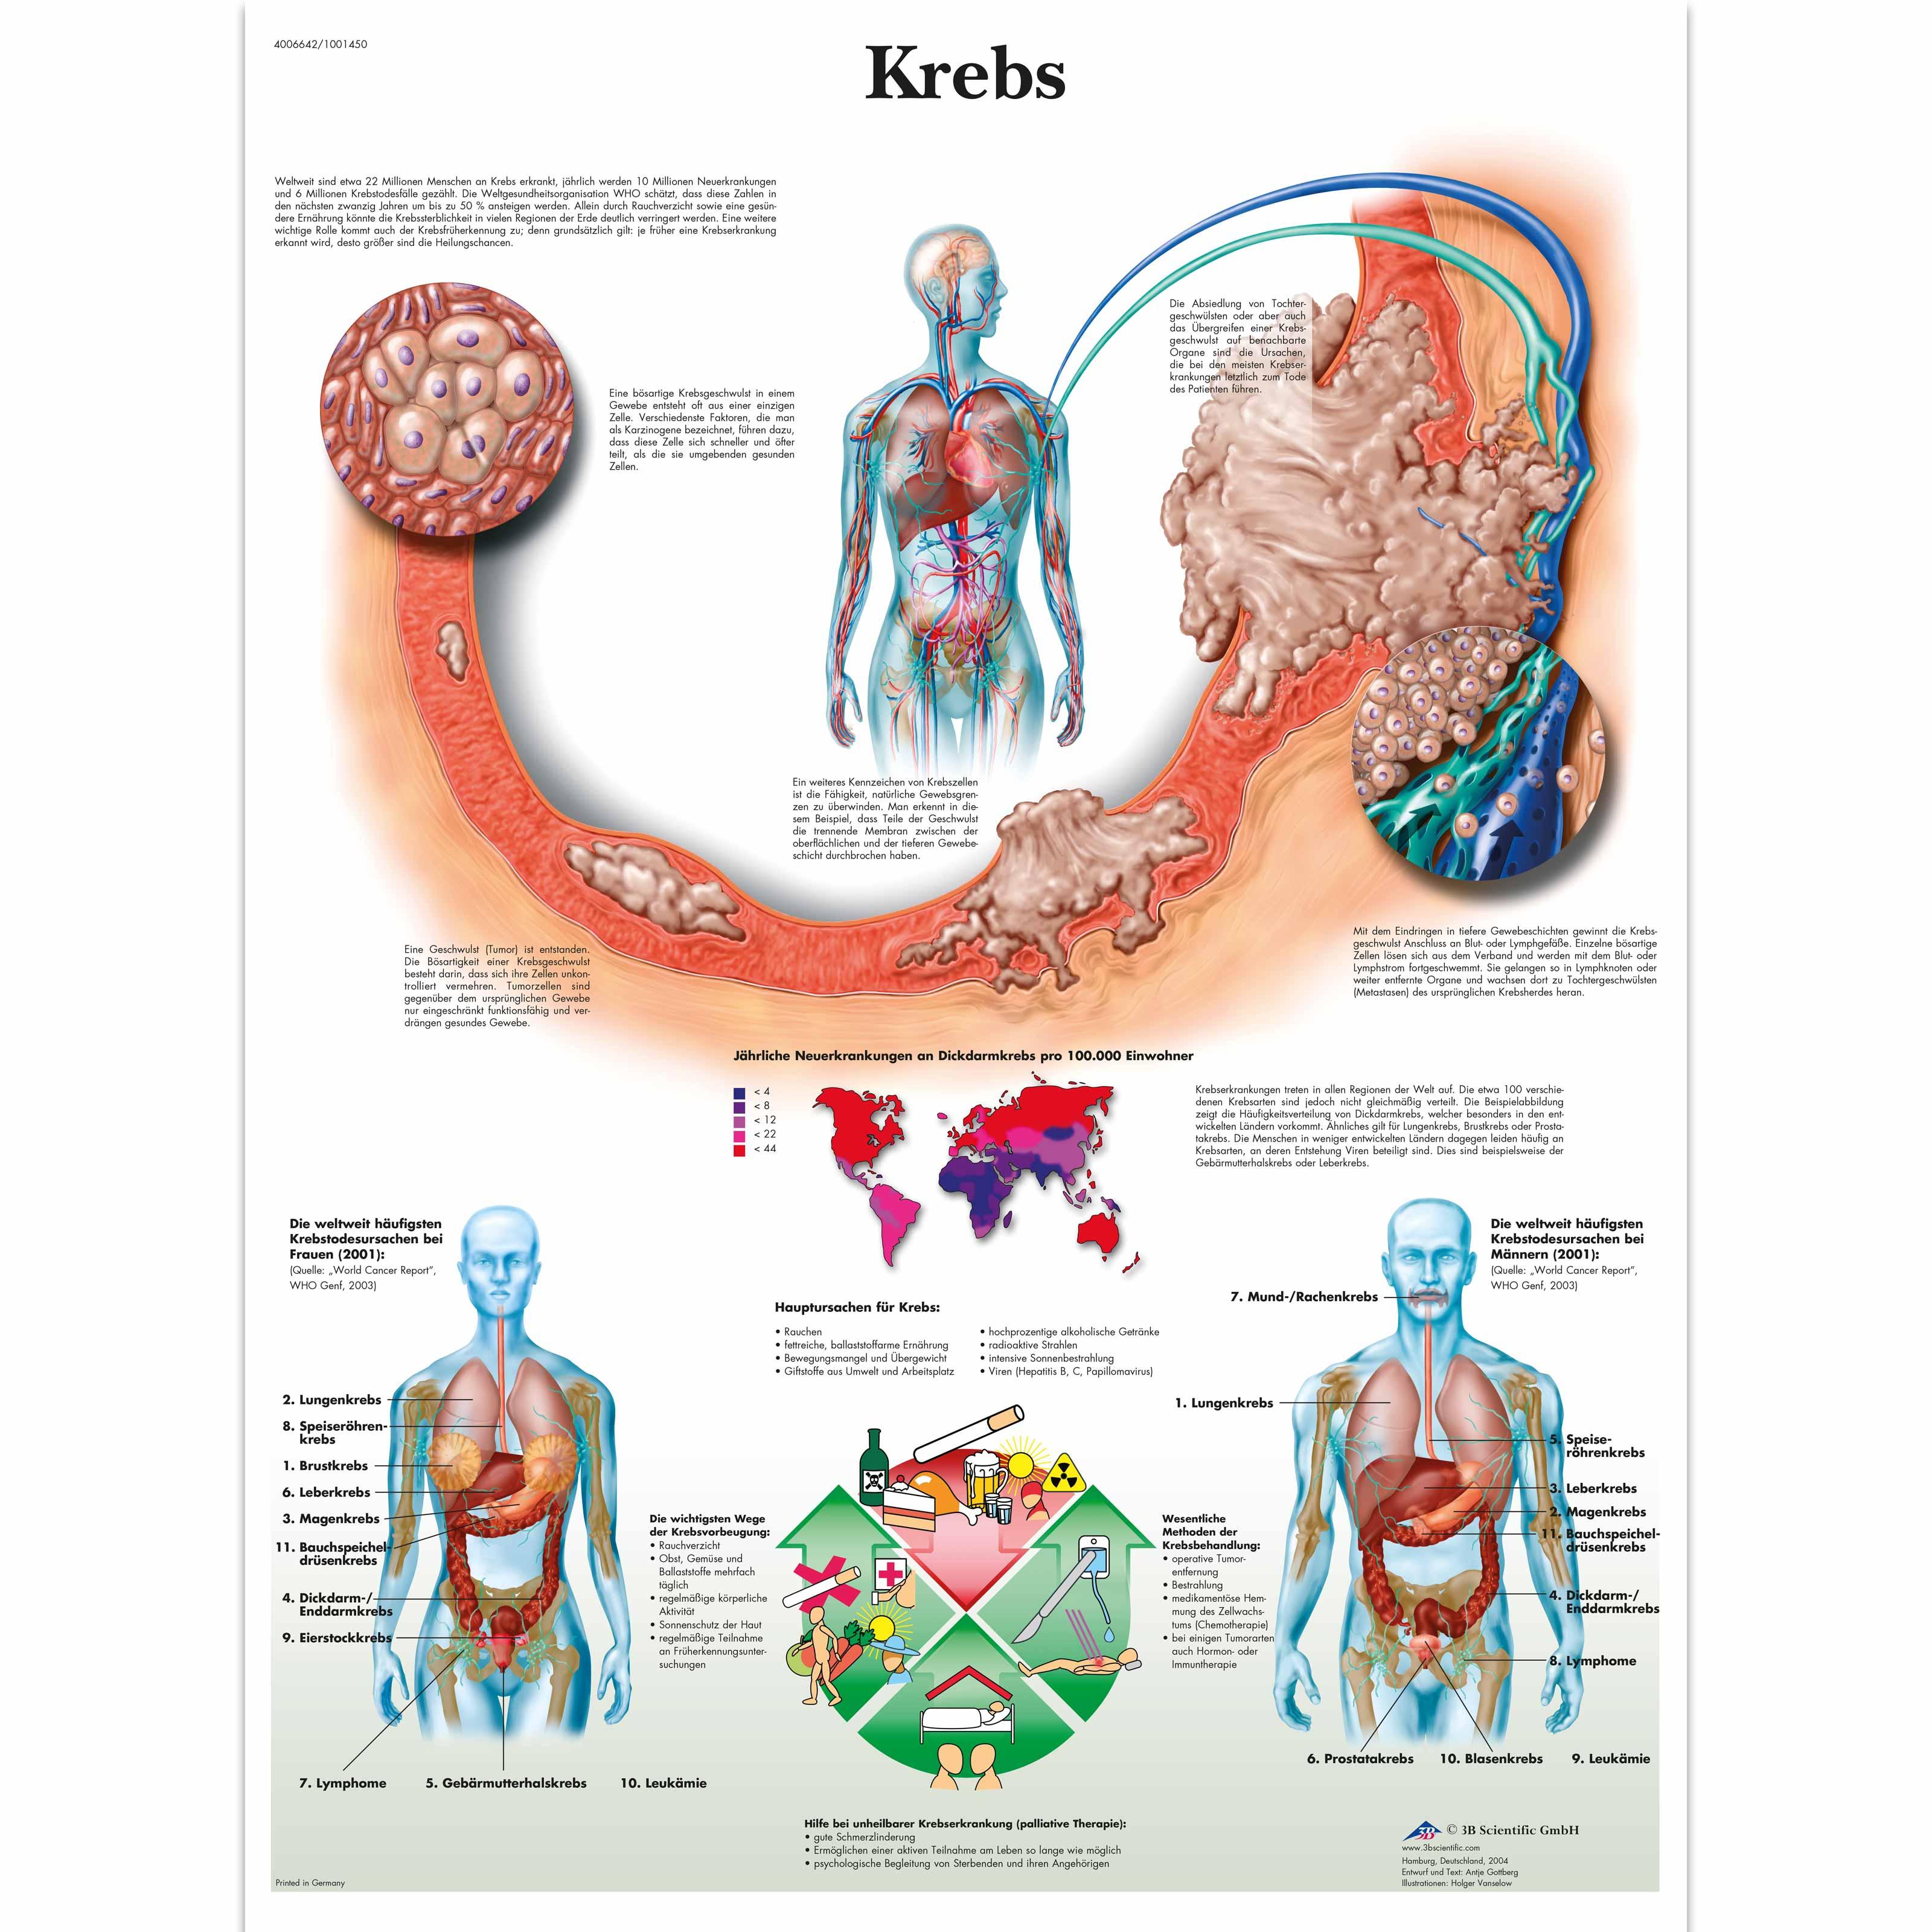 Krebs - 4006642 - VR0753UU - Cancers - 3B Scientific